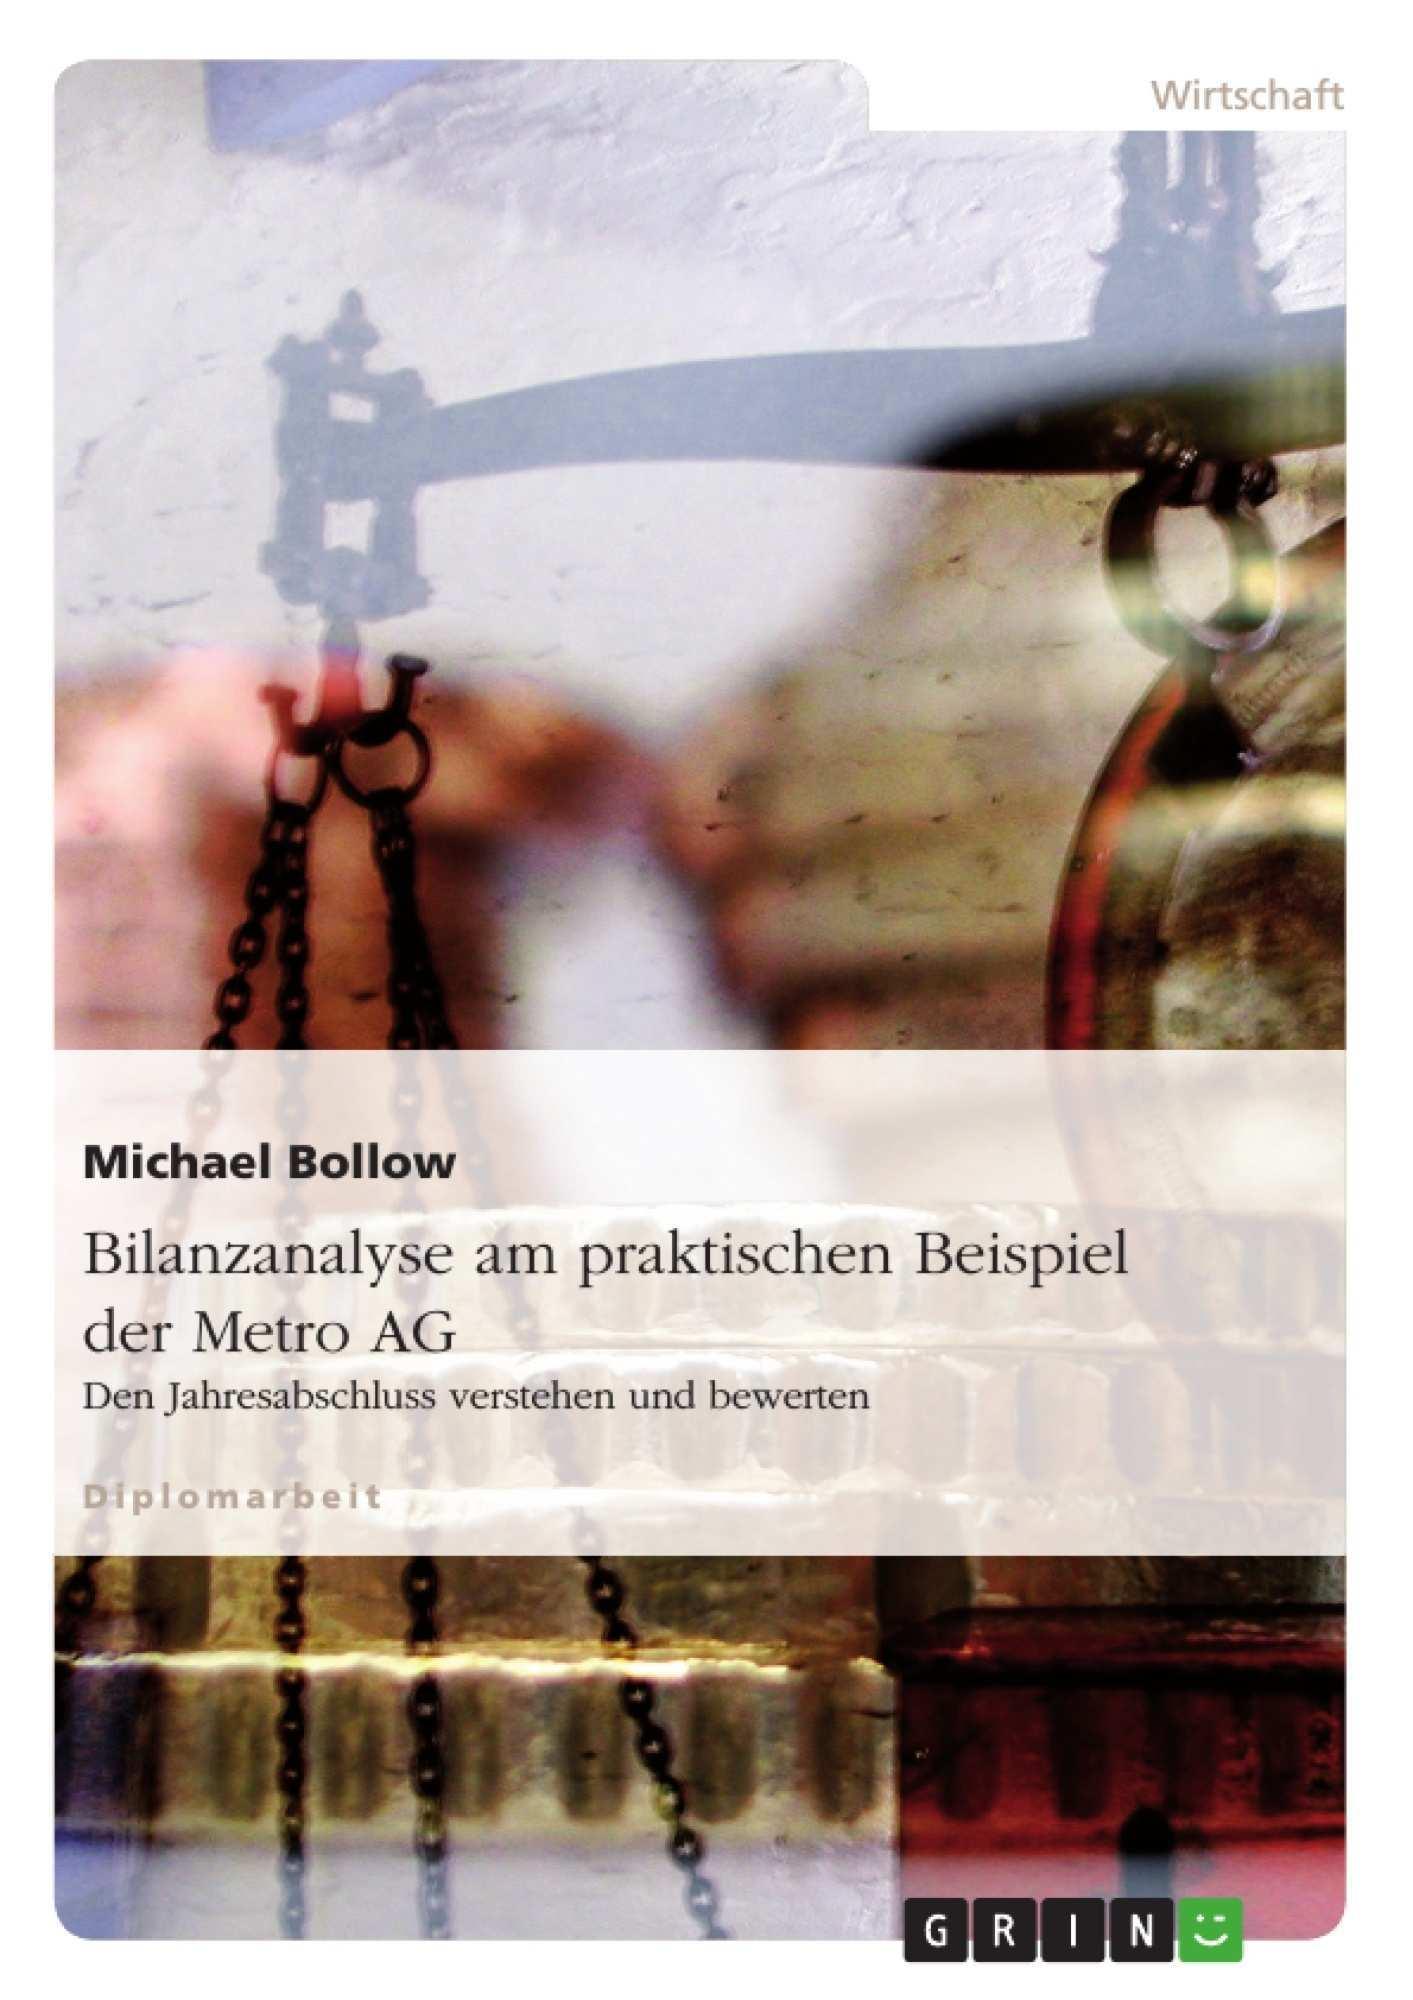 Bilanzanalyse Am Praktischen Beispiel Der Metro Diplomarbeiten24 De Diplomarbeiten24 De